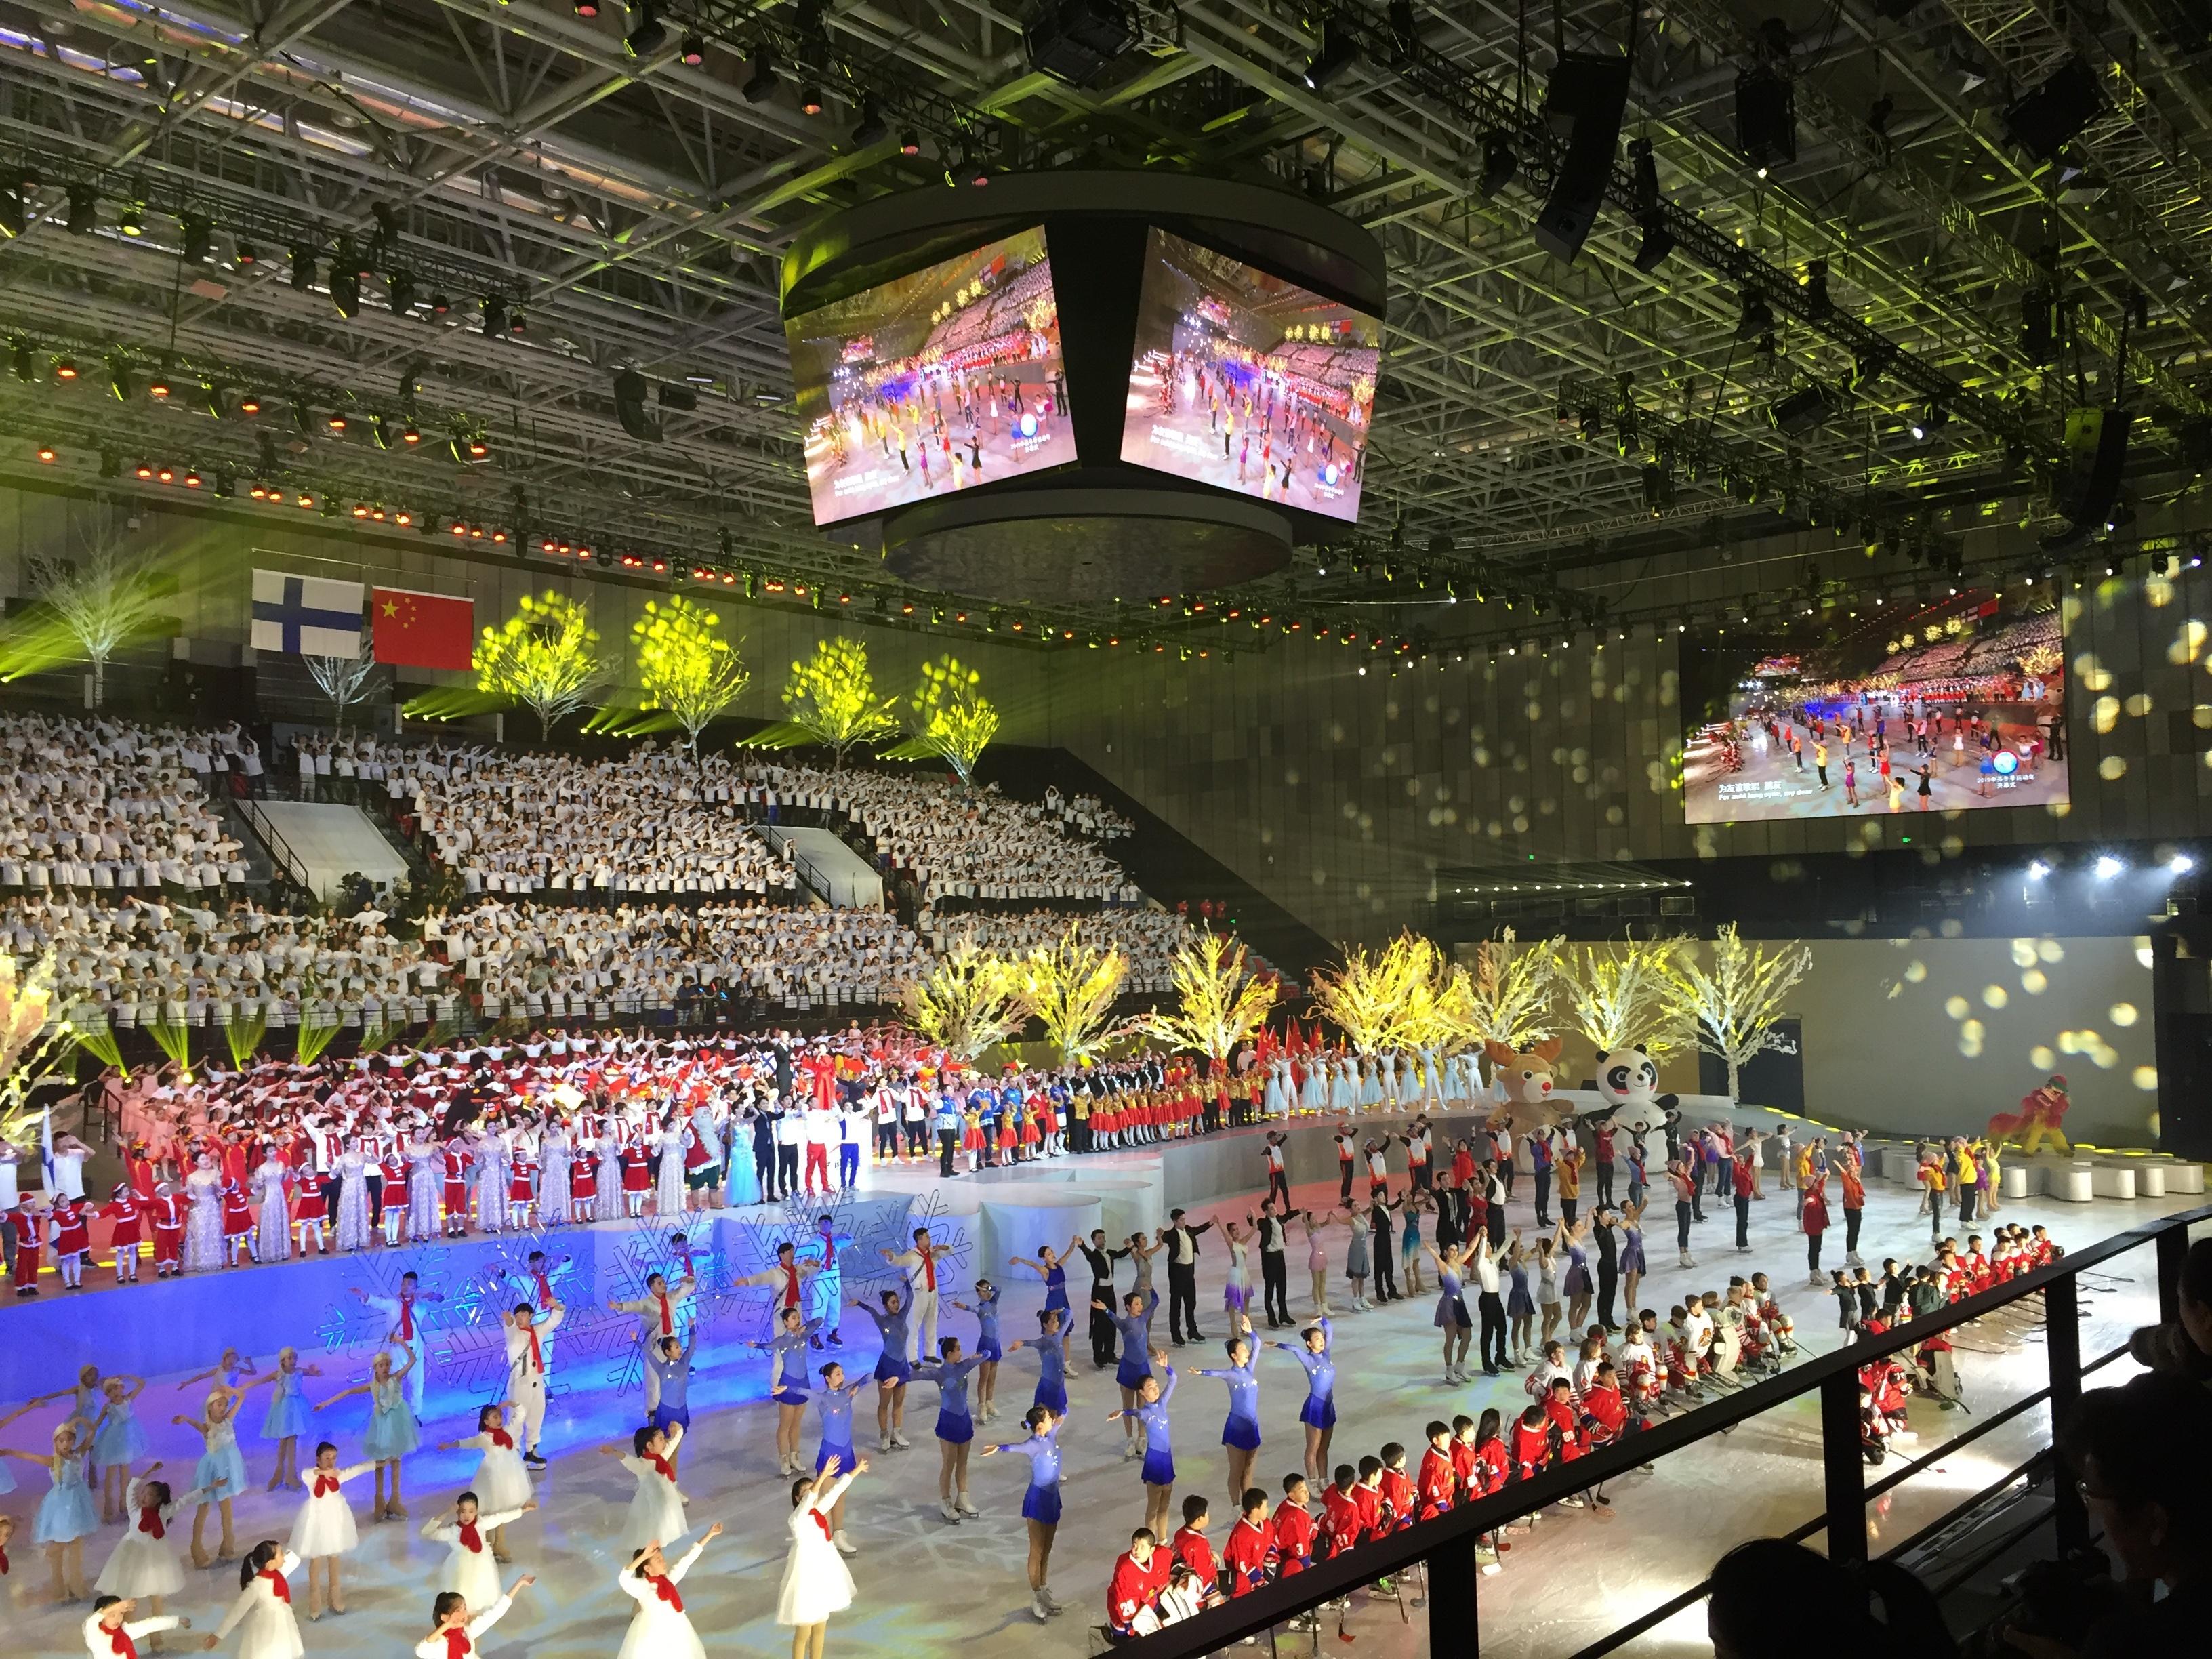 Suomen ja Kiinan talviurheiluvuoden avajaisia juhlittiin näyttävästi Pekingissä. Kuva: Jyri Lintunen/UM.